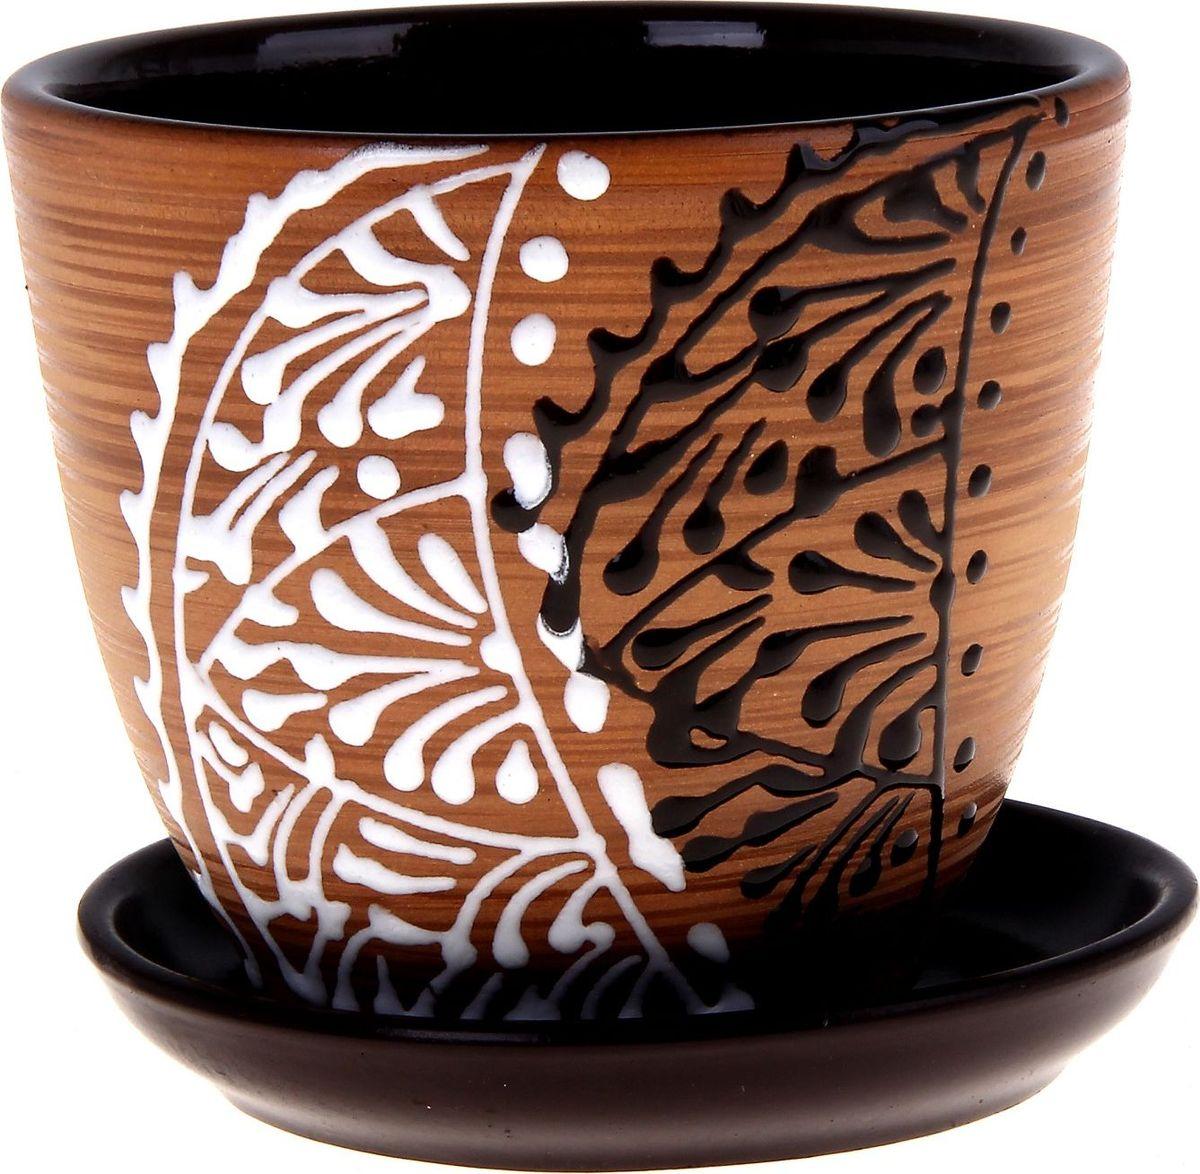 """Декоративное кашпо """"Кружево"""", выполненное из высококачественной керамики, предназначено для посадки декоративных растений и станет прекрасным украшением для дома. Благодаря своему дизайну впишется в любой интерьер помещения."""